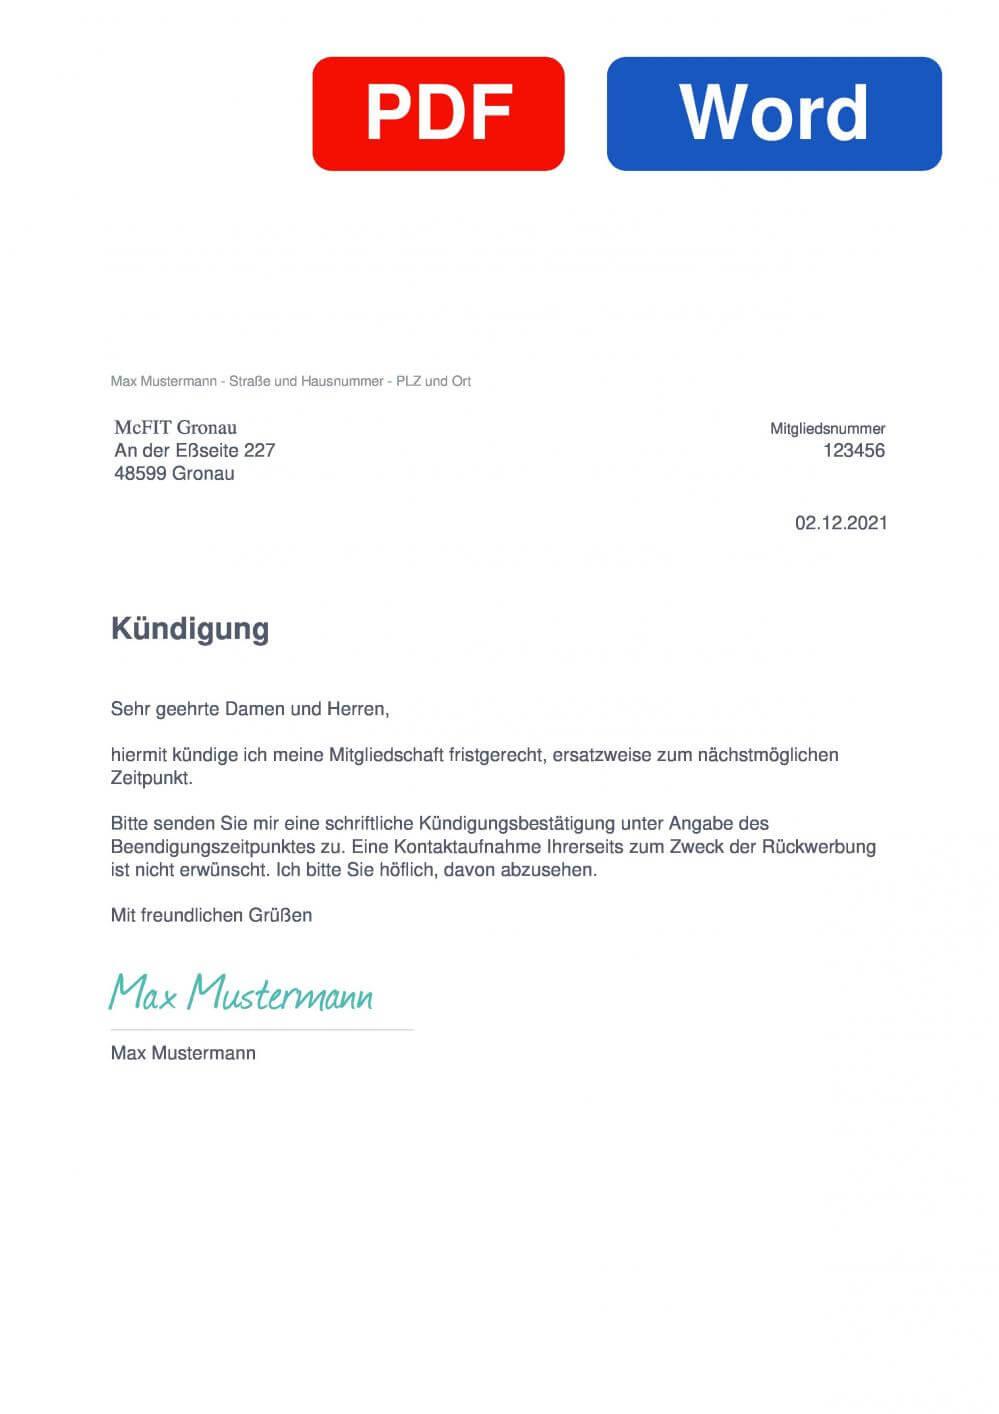 McFIT Gronau Muster Vorlage für Kündigungsschreiben